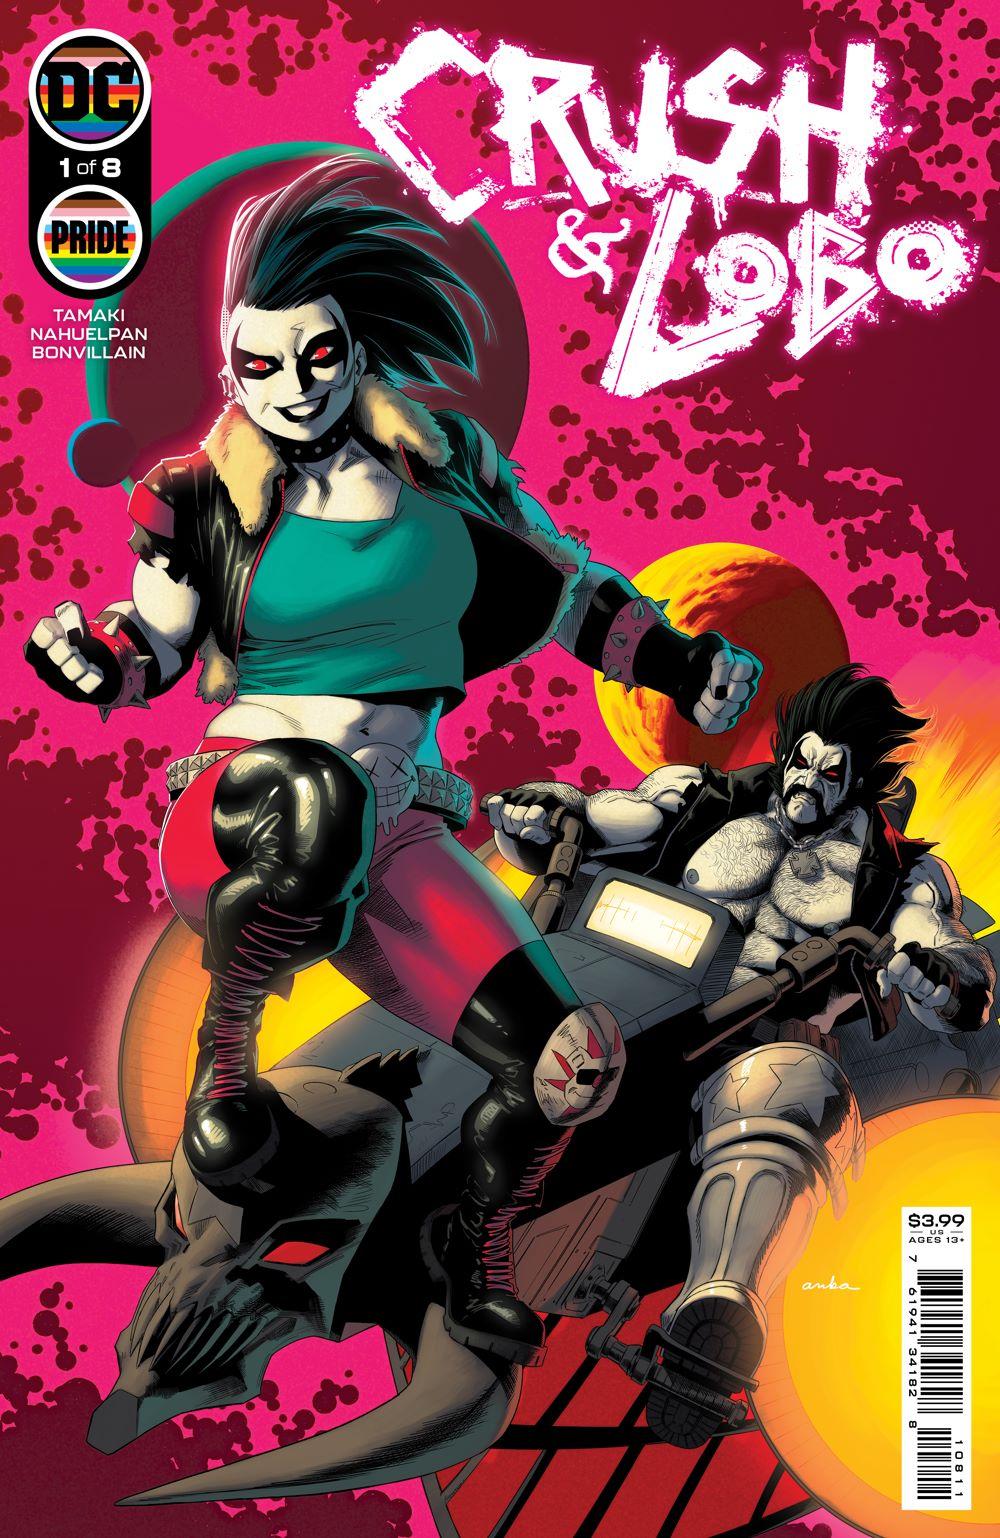 CandL_Cv1 DC Comics June 2021 Solicitations